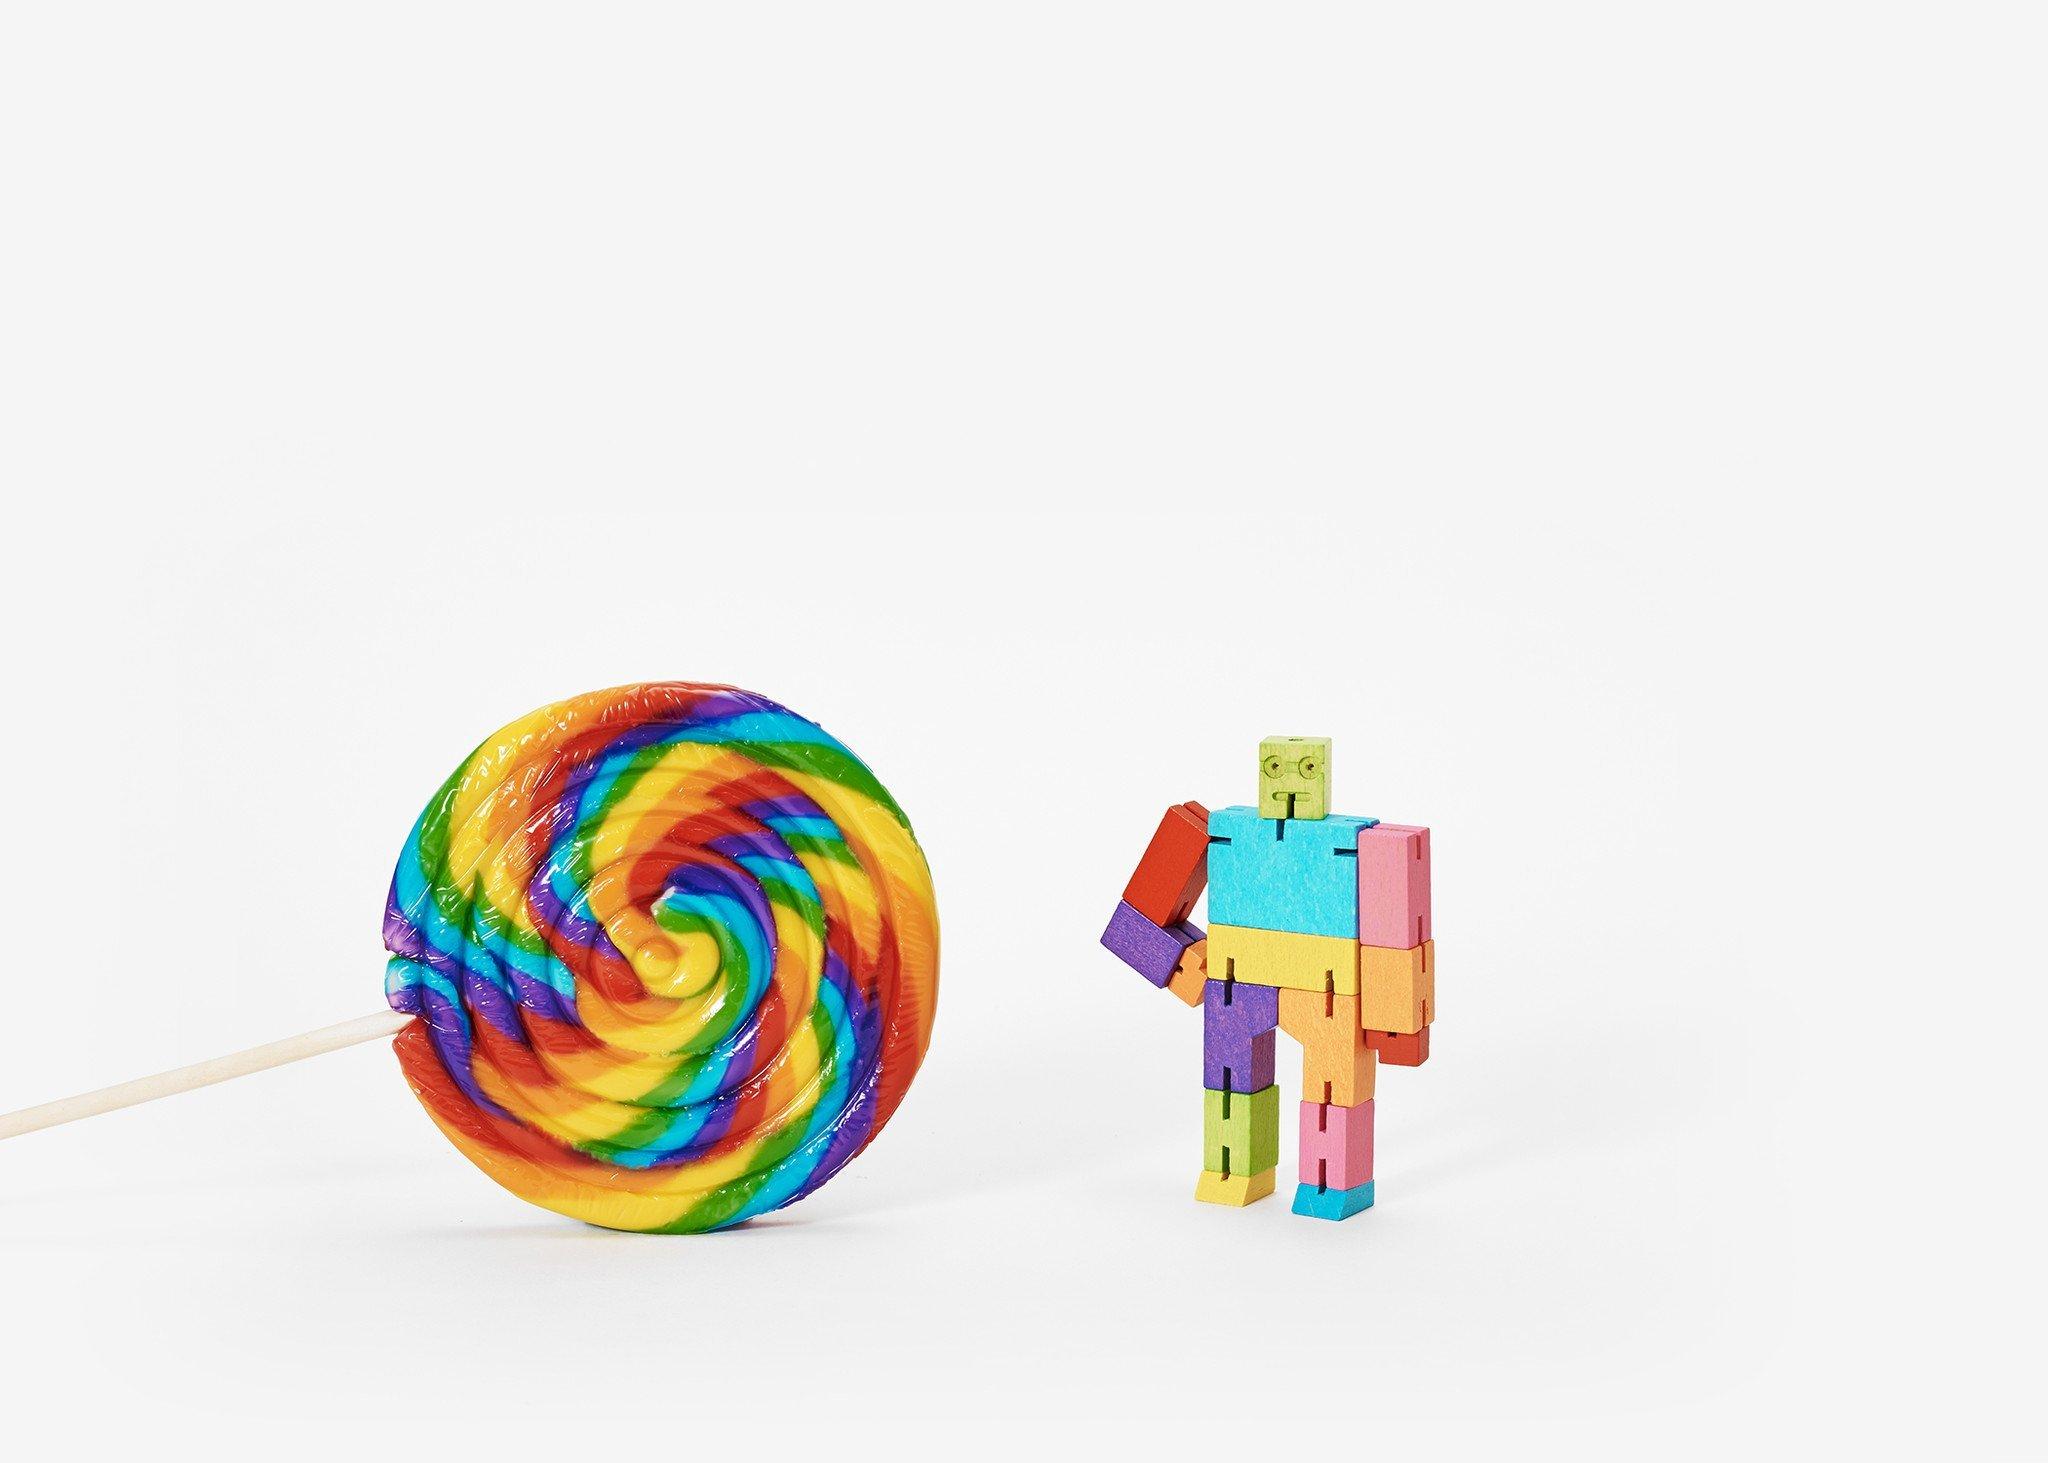 Cubebot multi micro colorstory dwc4m 27915e56 7d99 43f8 94e7 41db2f0616bc 3600x 2x